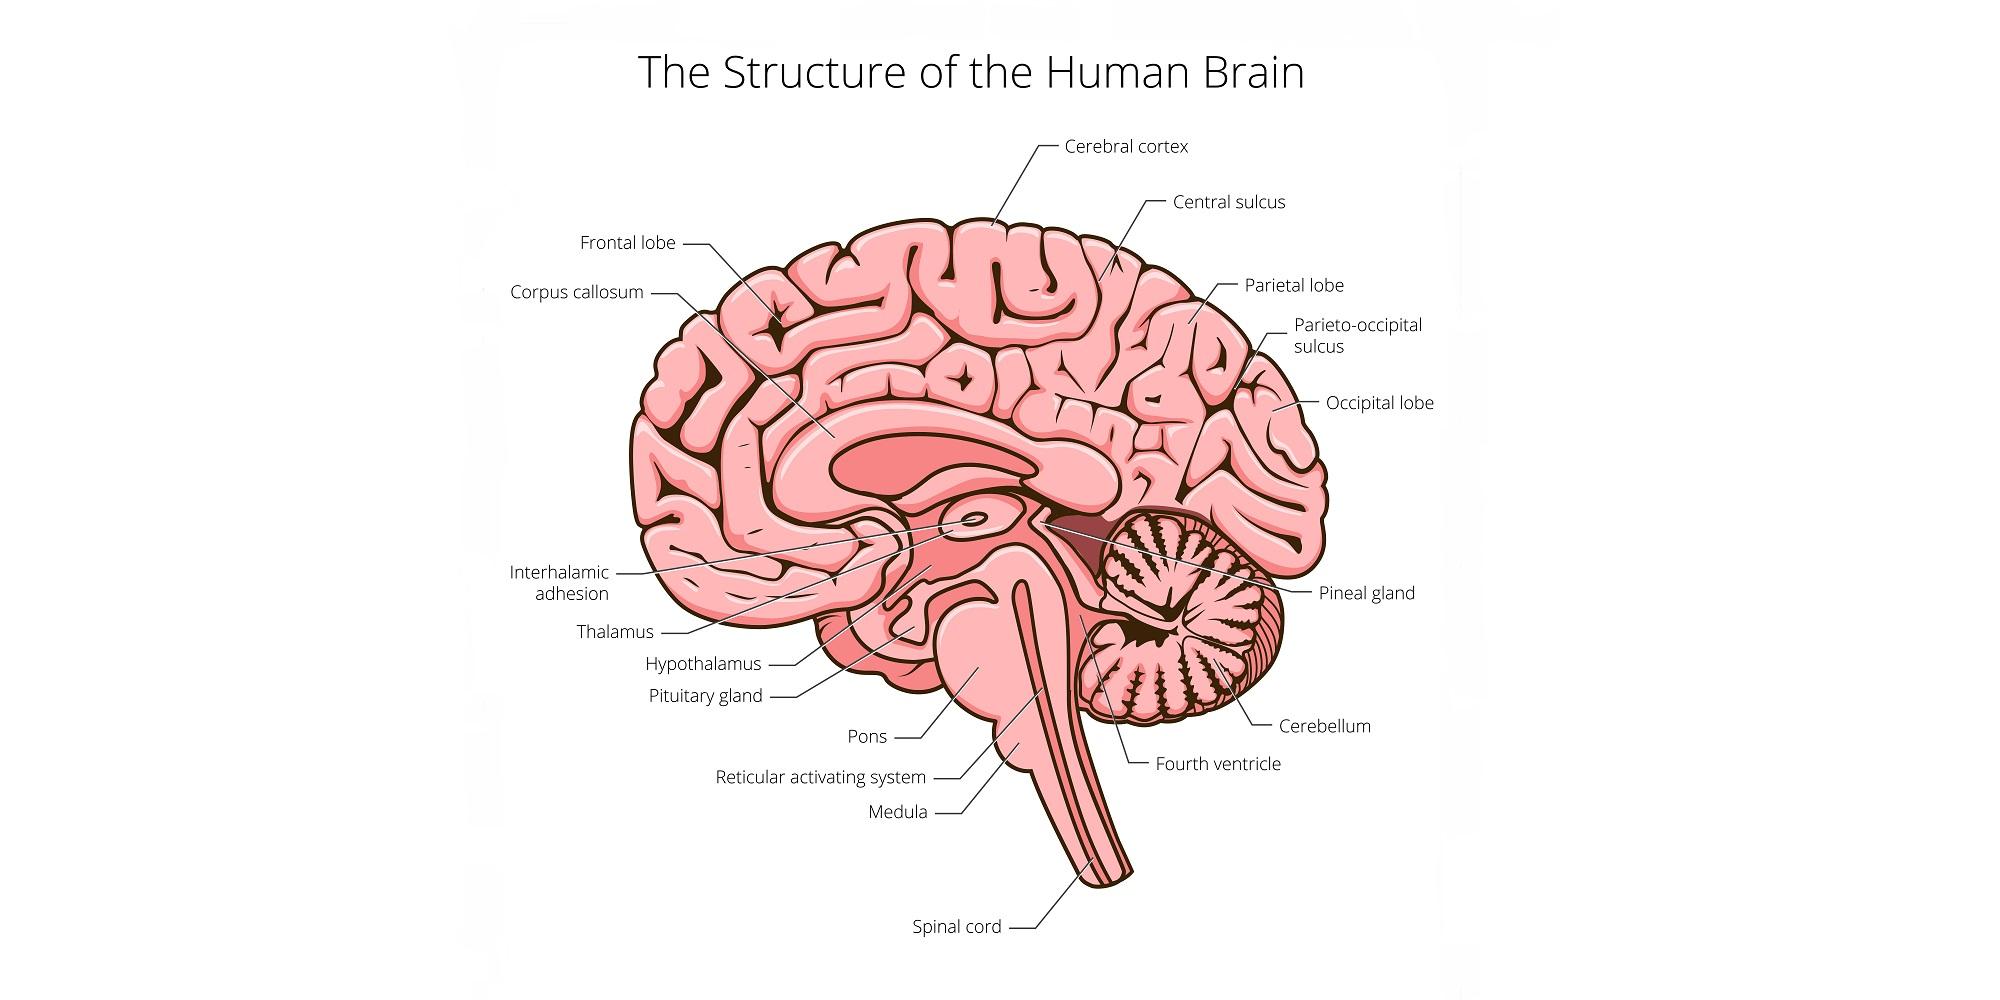 7 Bagian Otak Dan Fungsinya Secara Lengkap Dan Rinci